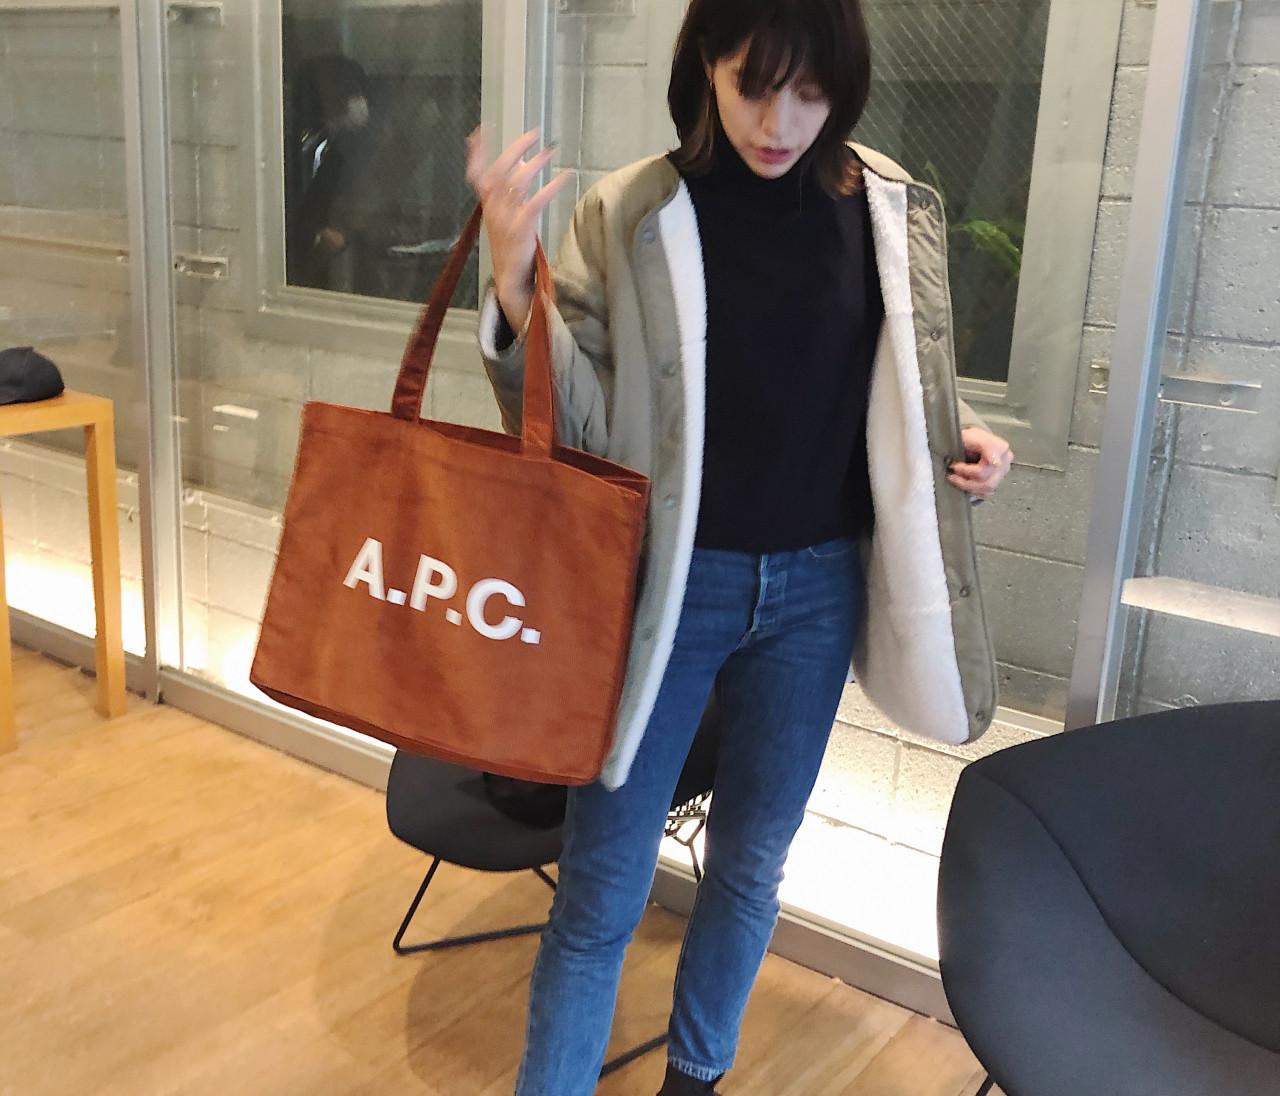 メンズで発見! A.P.C.のトートバッグ。絶妙なオレンジブラウンがお洒落♡